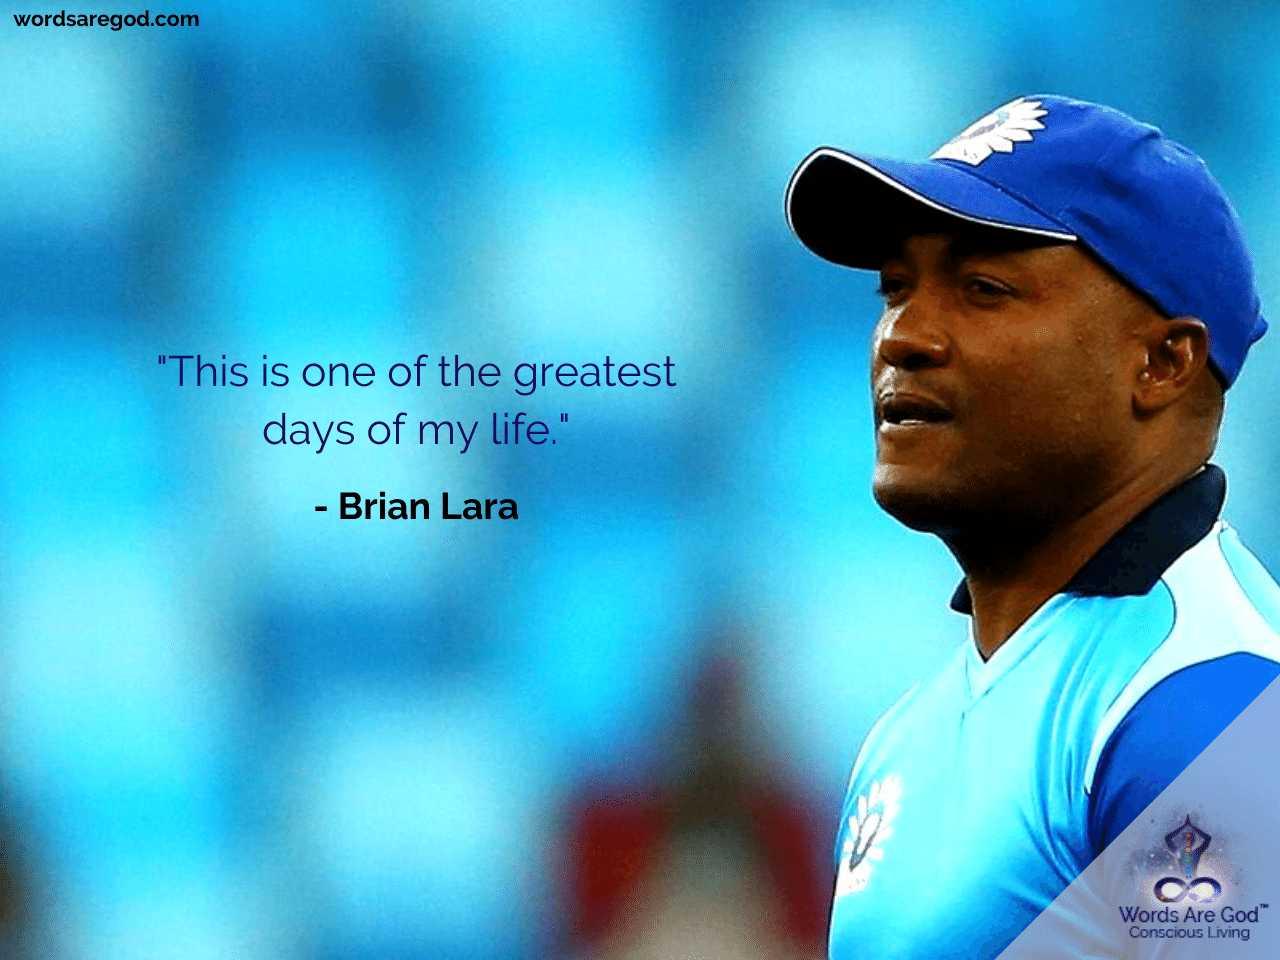 Brian Lara Motivational Quote